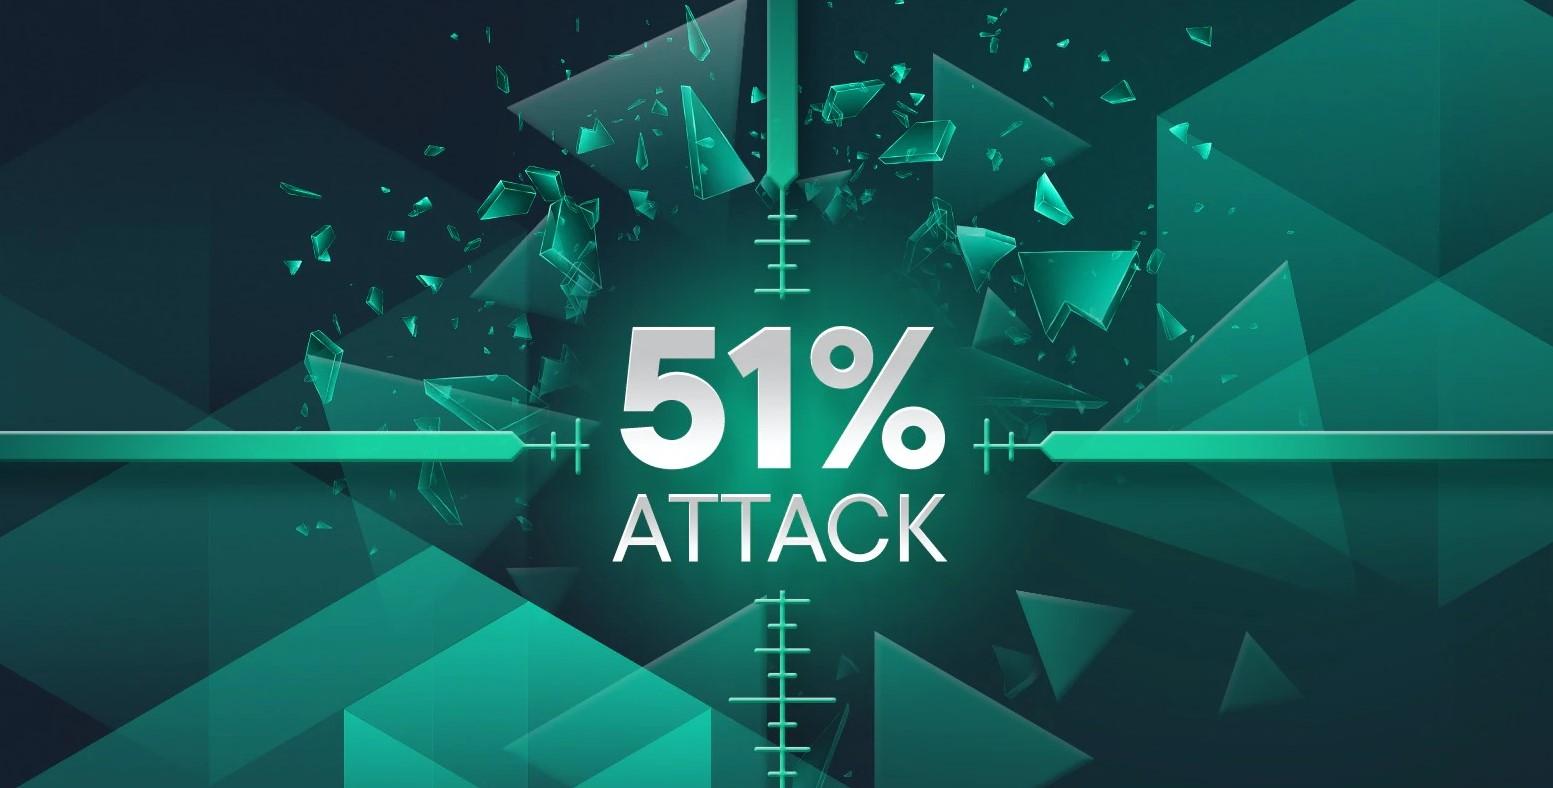 حمله 51 درصدی